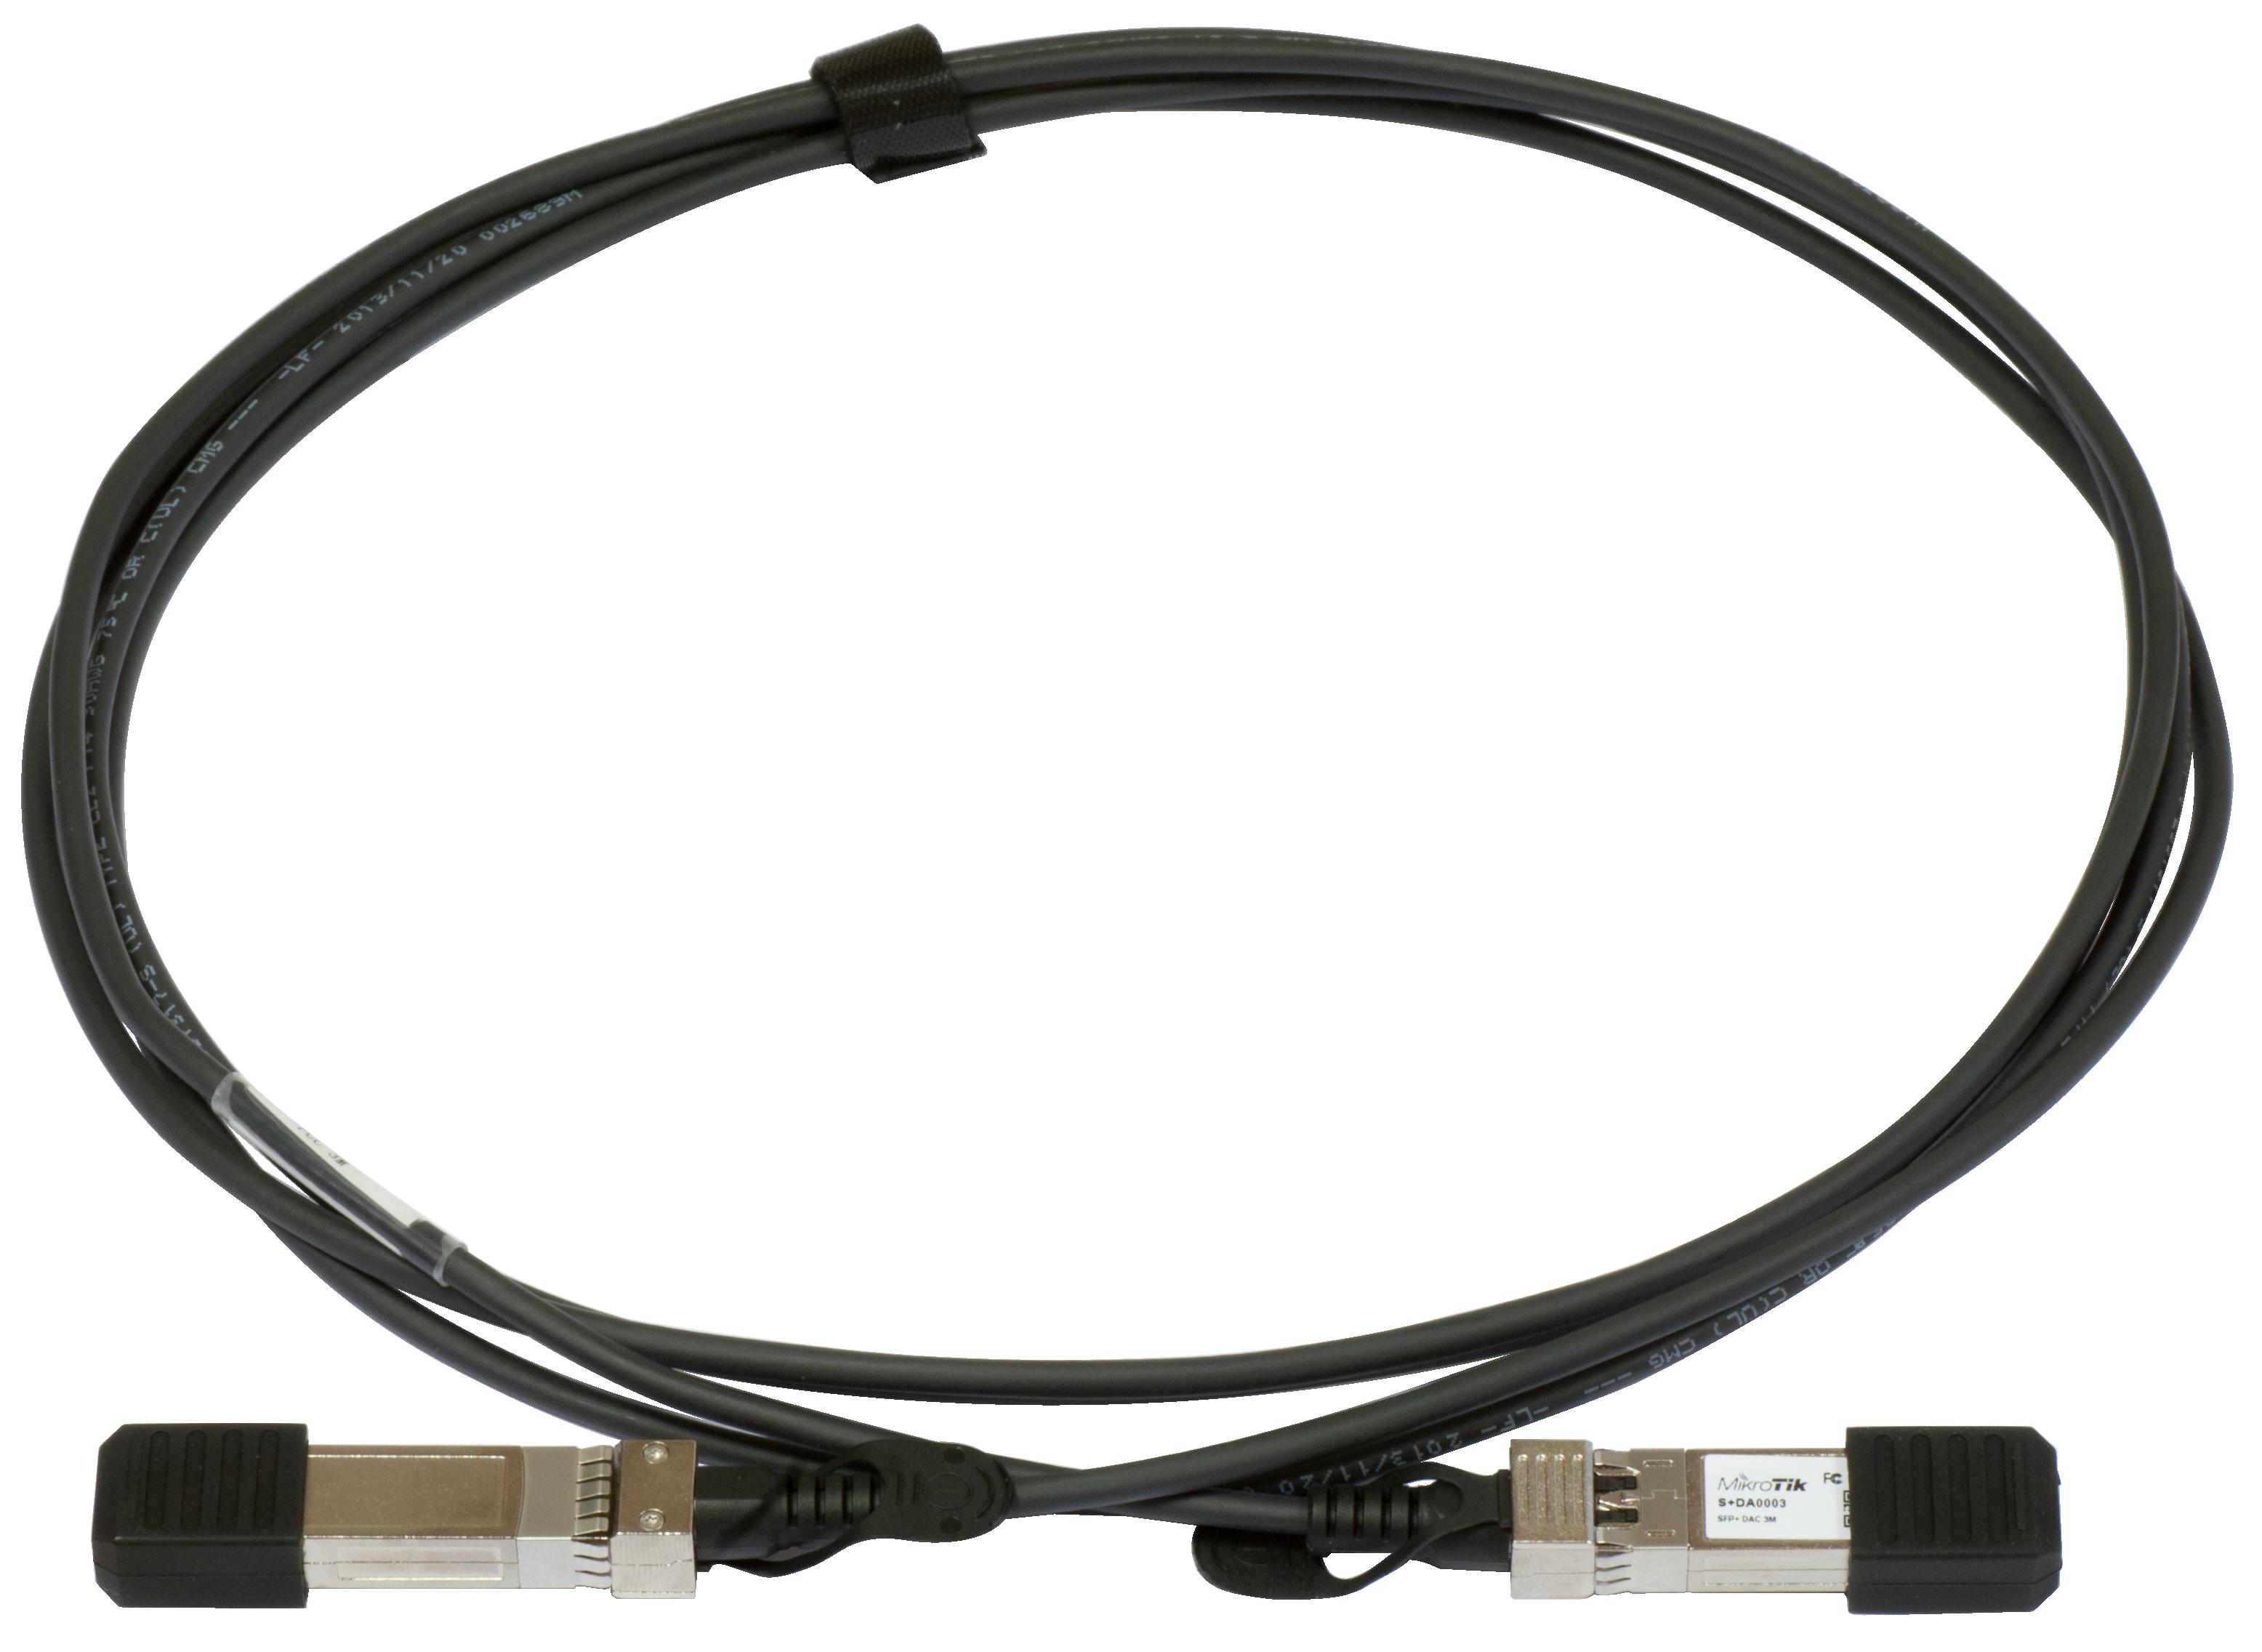 MikroTik S+DA0001 SFP+ 1m stohovací kabel